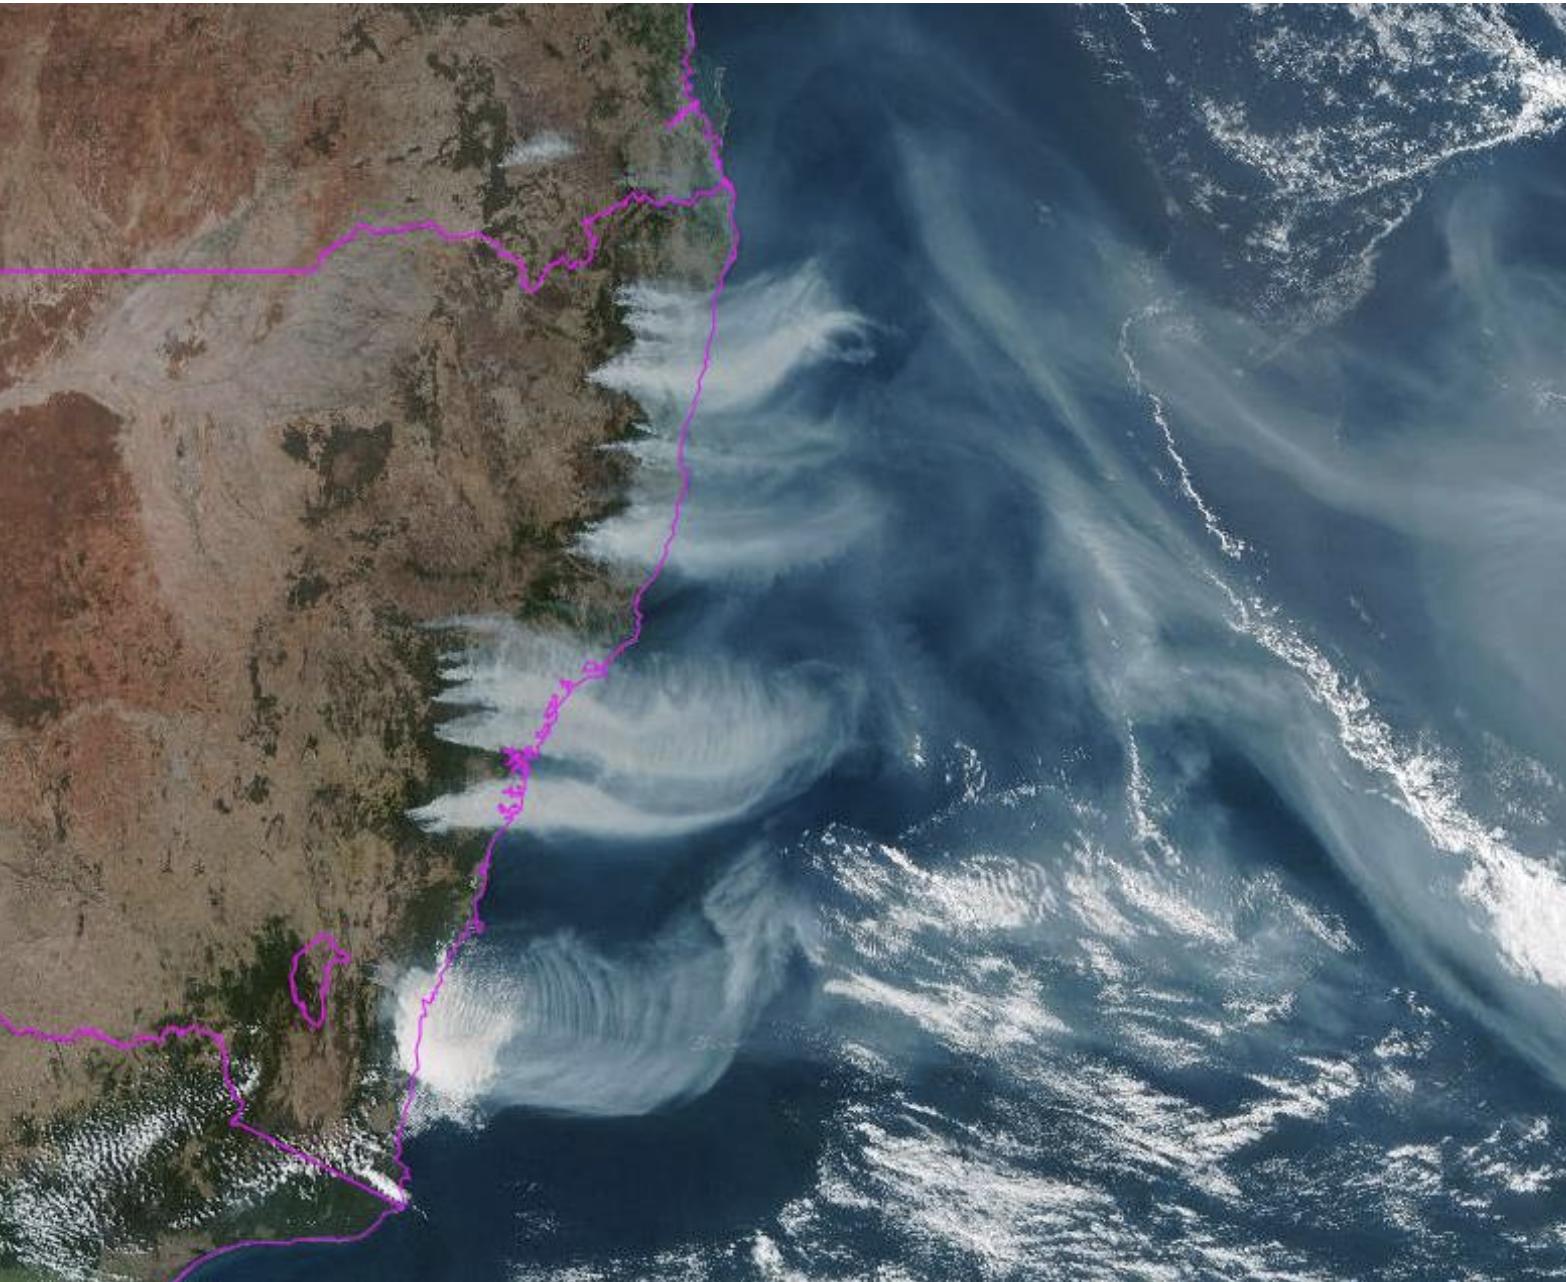 fumaça de incêndios florestais na Austrália